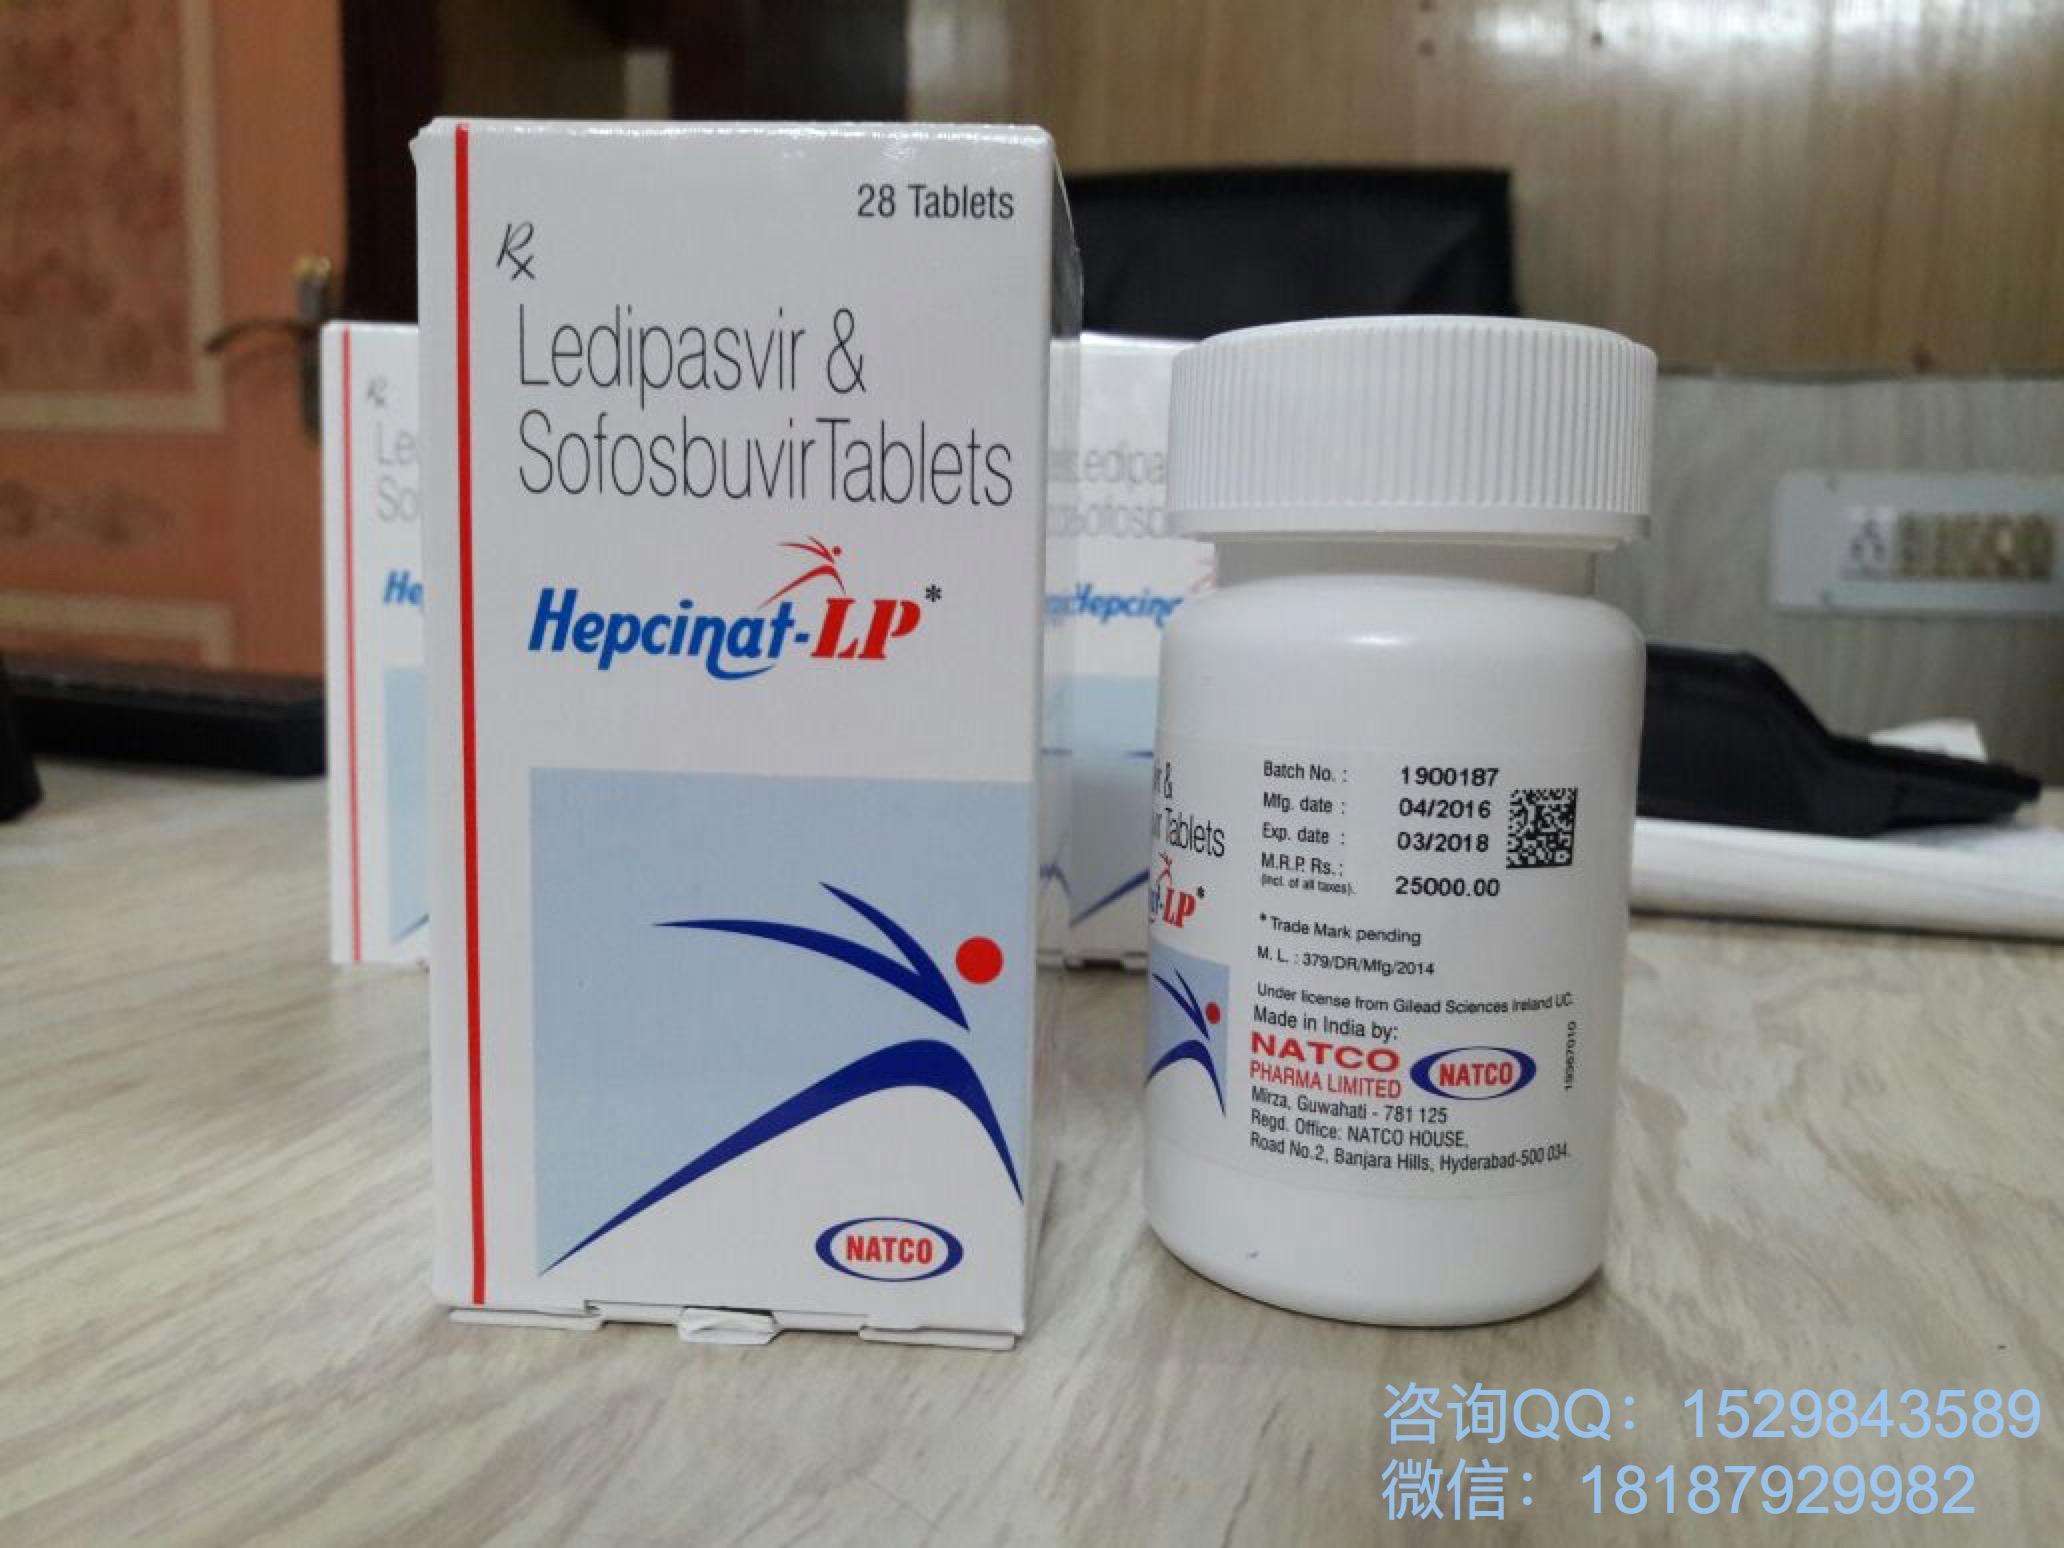 正确服用印度吉二代hepcinat LP药物说明书